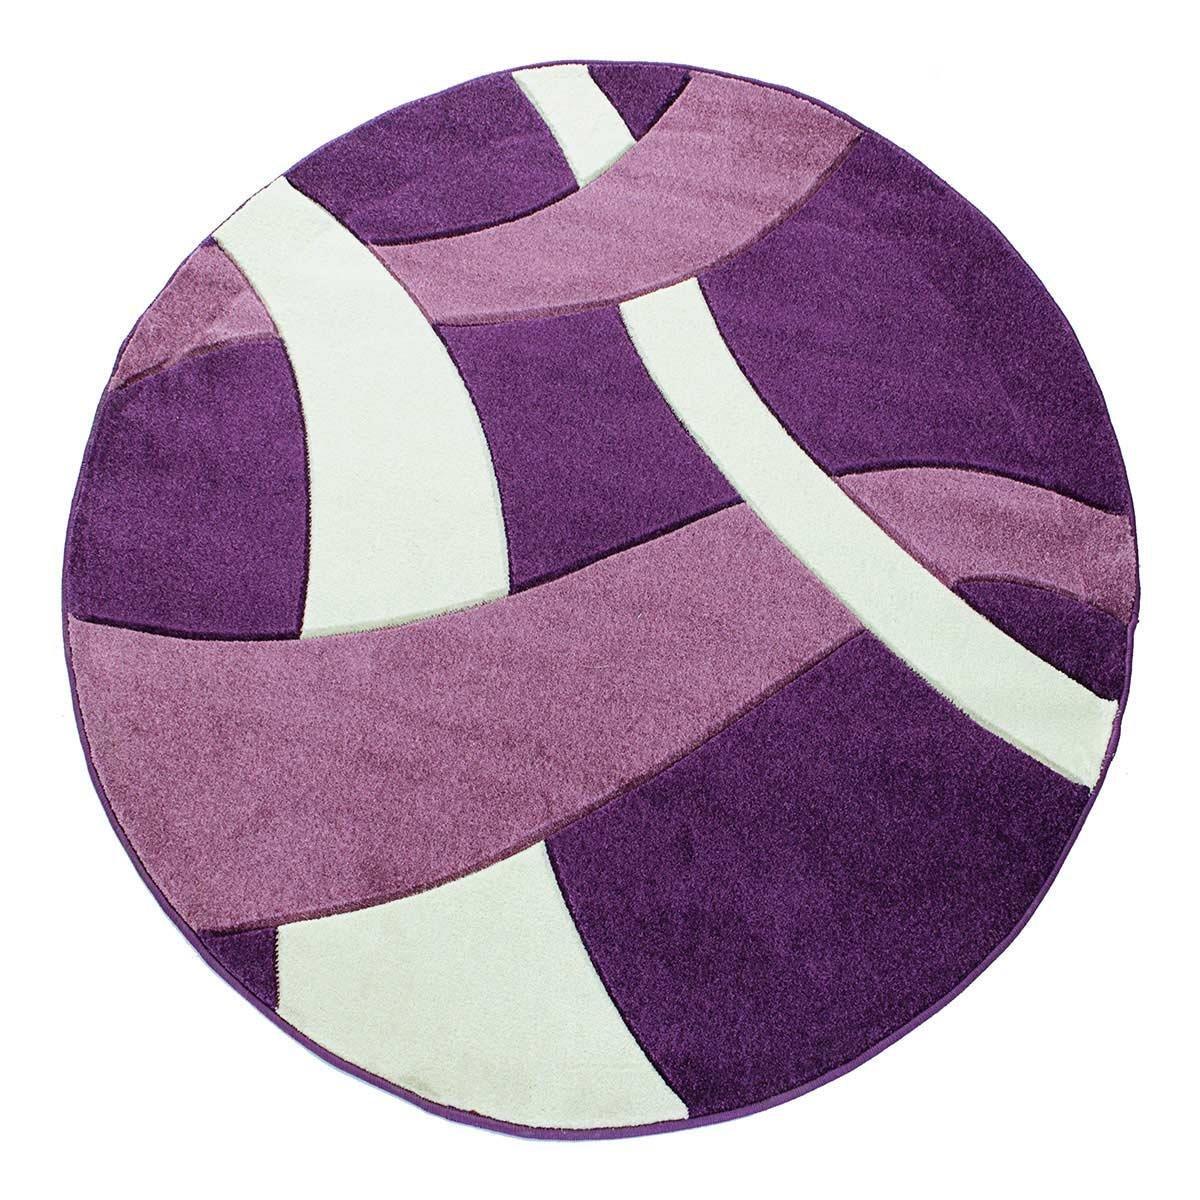 Excellent tappeto moderno rotondo x cm mod twist carvino - Tappeto rotondo ikea ...